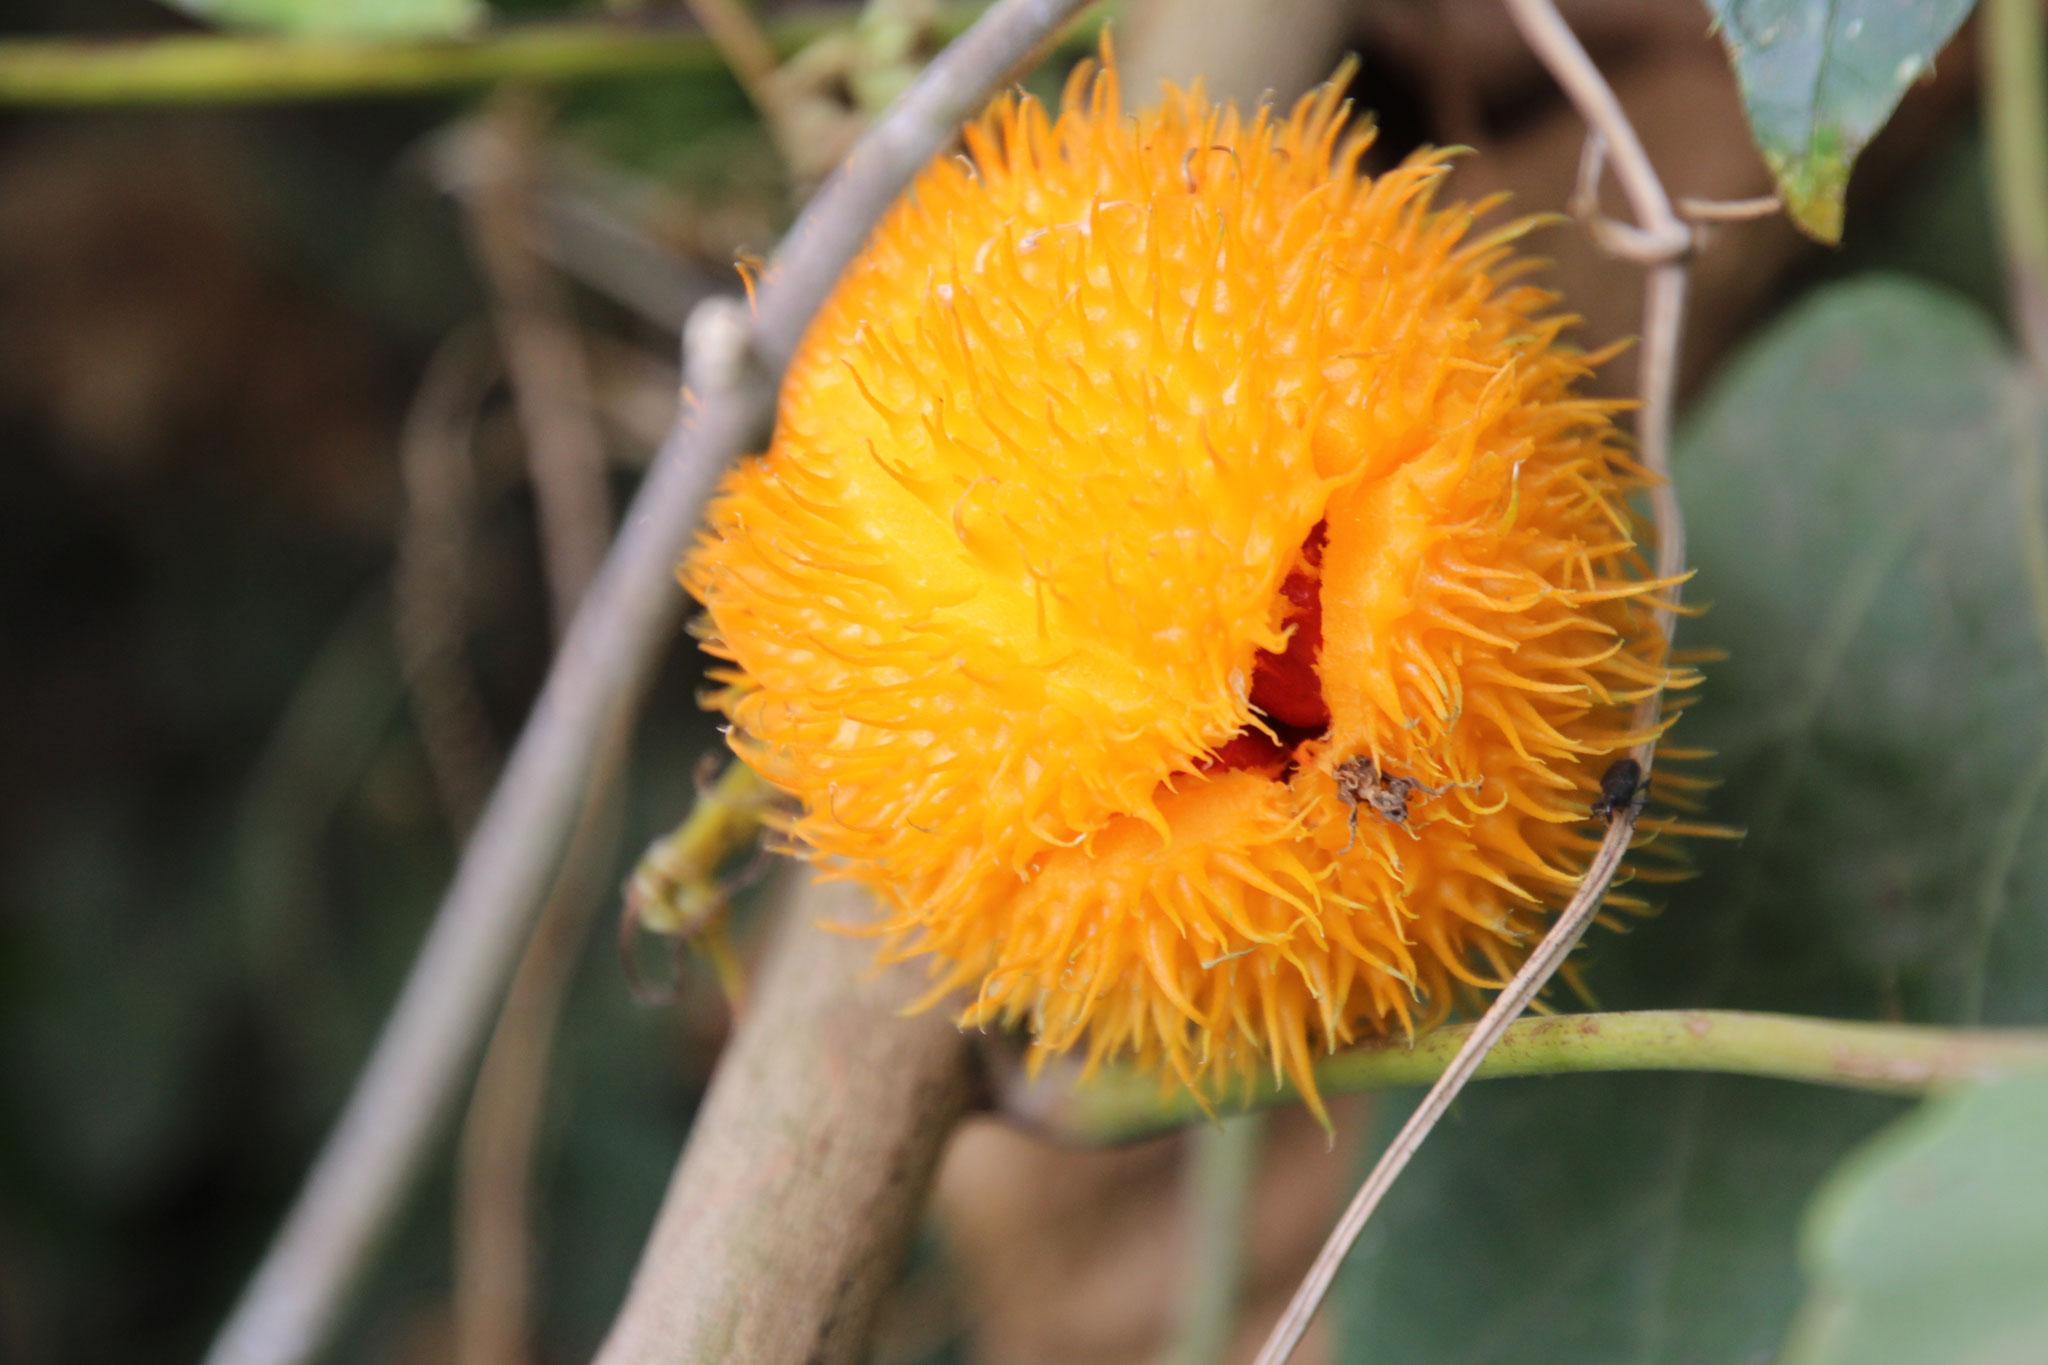 Mormodica foetida. Wenn sie reif ist, platzt sie auf. Loic und ich haben diese Frucht geteilt. Wir werden beide versuchen, sie im Garten zu kultivieren.